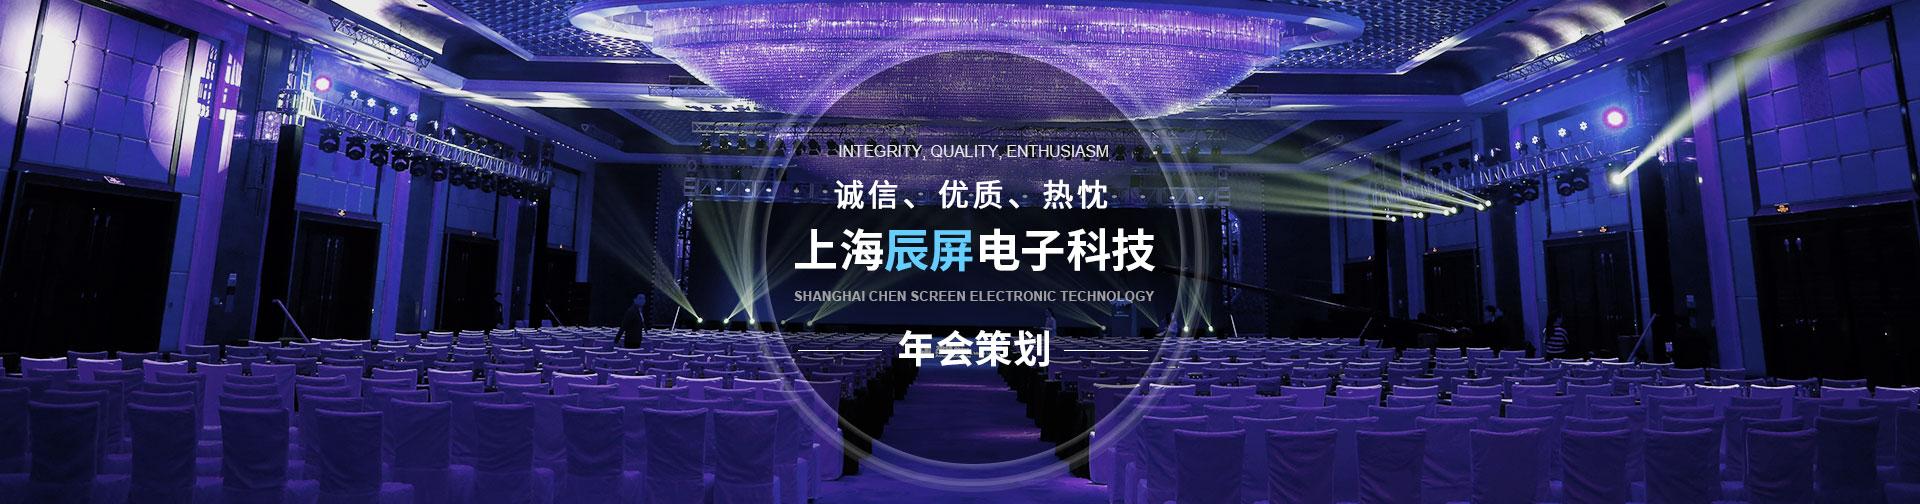 上海led显示屏租赁